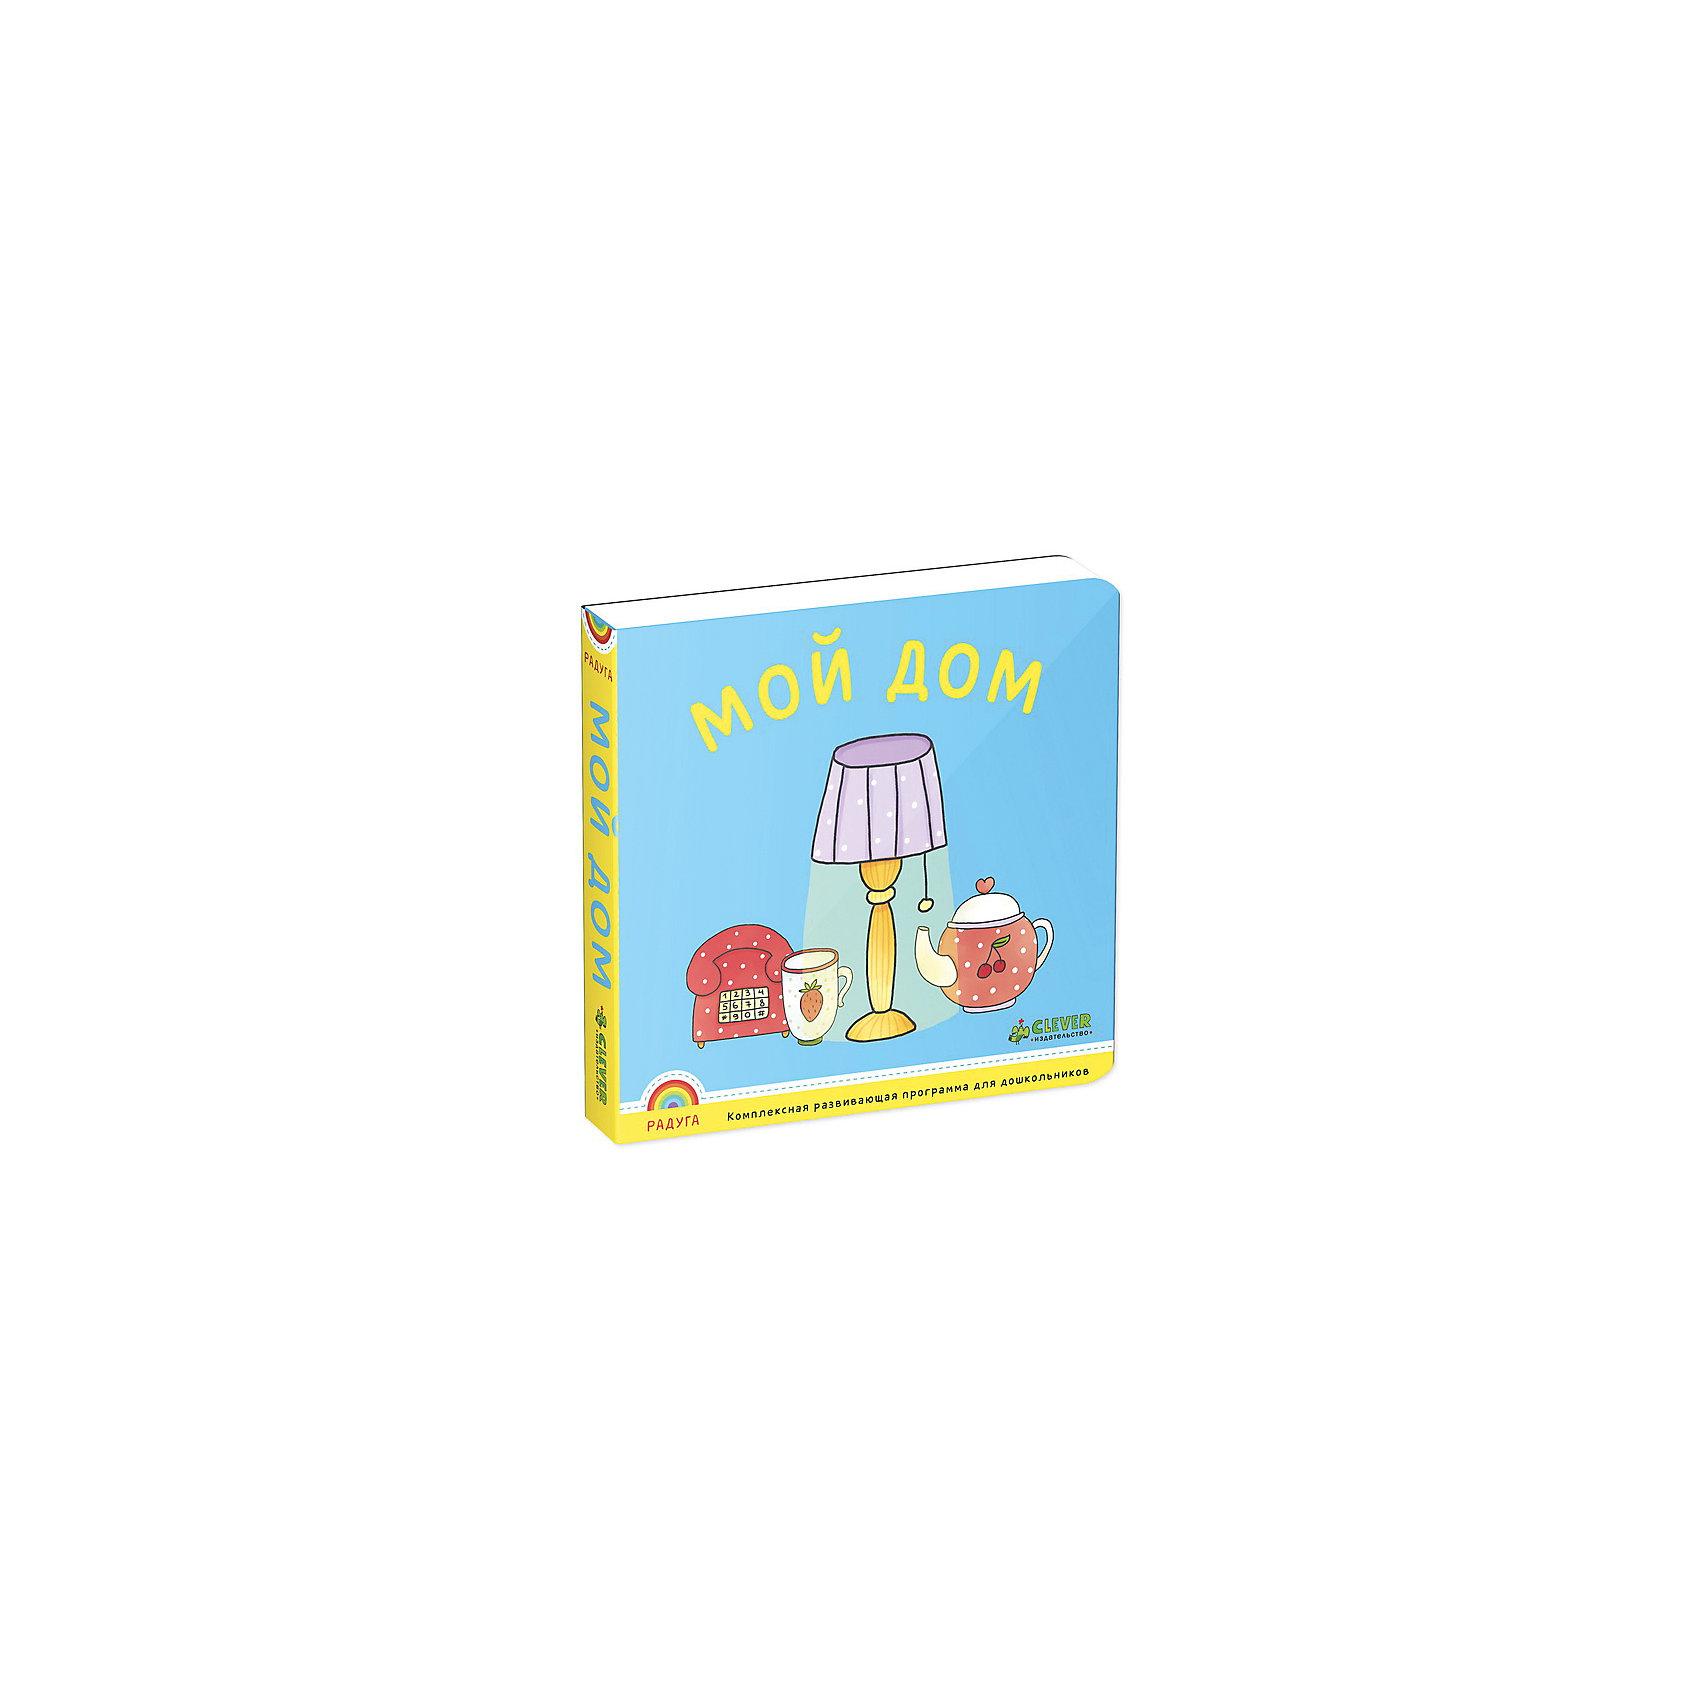 Мой дом, программа РадугаПервые книги малыша<br>Интеллект и словарный запас ребенка нужно развивать - и тогда он в дальнейшем сможет освоить больше полезных навыков. Сделать это занятие интересным и легким поможет данная книга.<br>В ней с помощью ярких картинок можно легко познакомить ребенка со многими предметами и животными, которые можно встретить дома, дать ему поток новых слов и выражений. Книга отличается плотными ламинированными листами, крупным шрифтом и красочными изображениями, которые малыши с удовольствием рассматривают. Это издание пригодятся для тех, кто хочет вырастить гармоничного человека.<br><br>Дополнительная информация:<br><br>размер: 14 x 14 см;<br>страниц: 20;<br>специально для малышей.<br><br>Книгу Мой дом, программа Радуга можно купить в нашем интернет-магазине.<br><br>Ширина мм: 138<br>Глубина мм: 138<br>Высота мм: 30<br>Вес г: 120<br>Возраст от месяцев: 0<br>Возраст до месяцев: 36<br>Пол: Унисекс<br>Возраст: Детский<br>SKU: 4976183